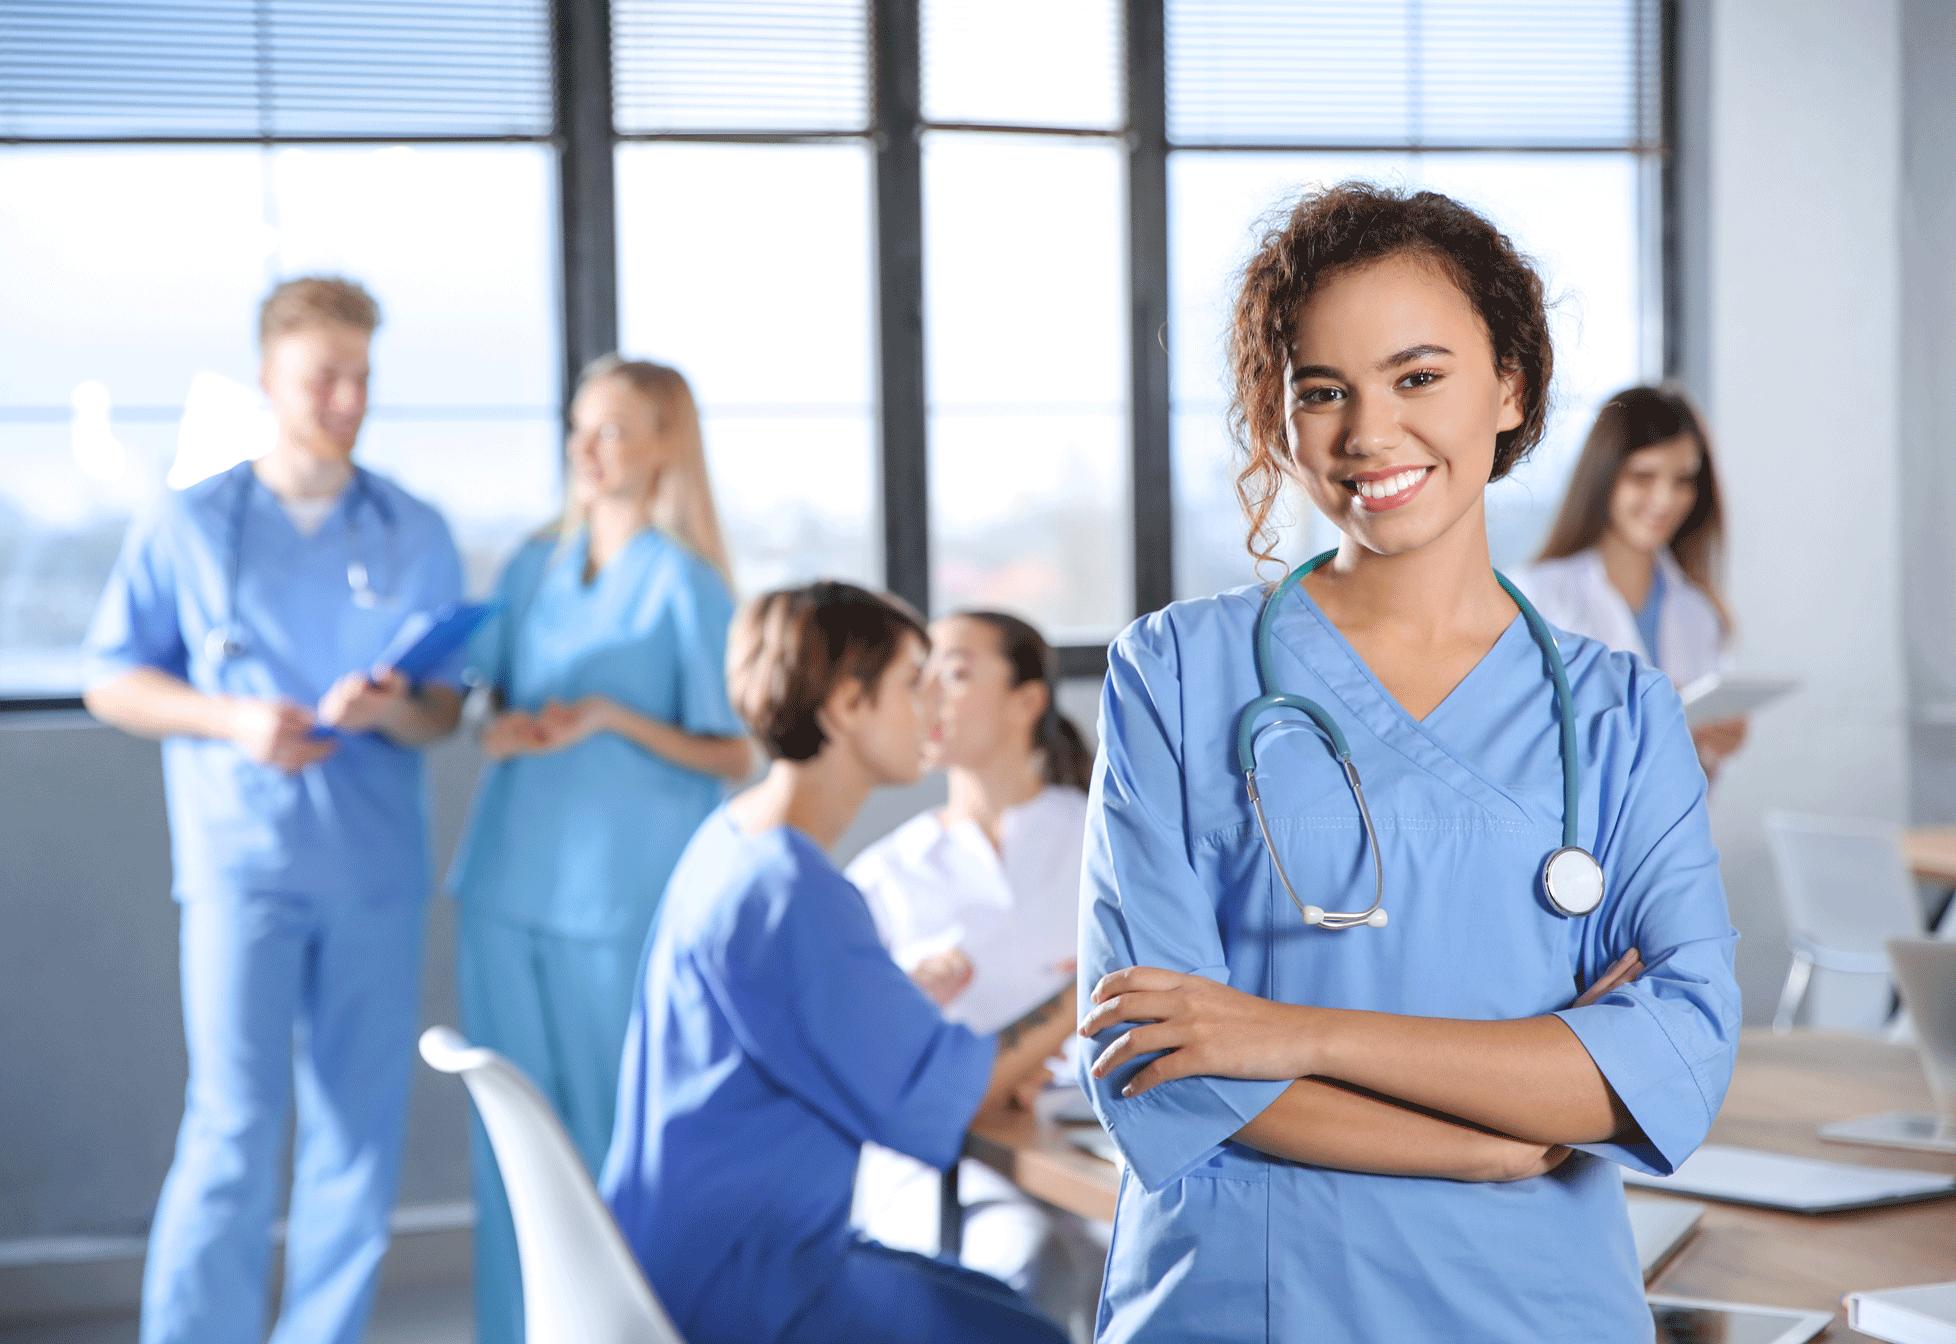 10 weitere Studienplätze in der Humanmedizin durch die Studienplatzklage